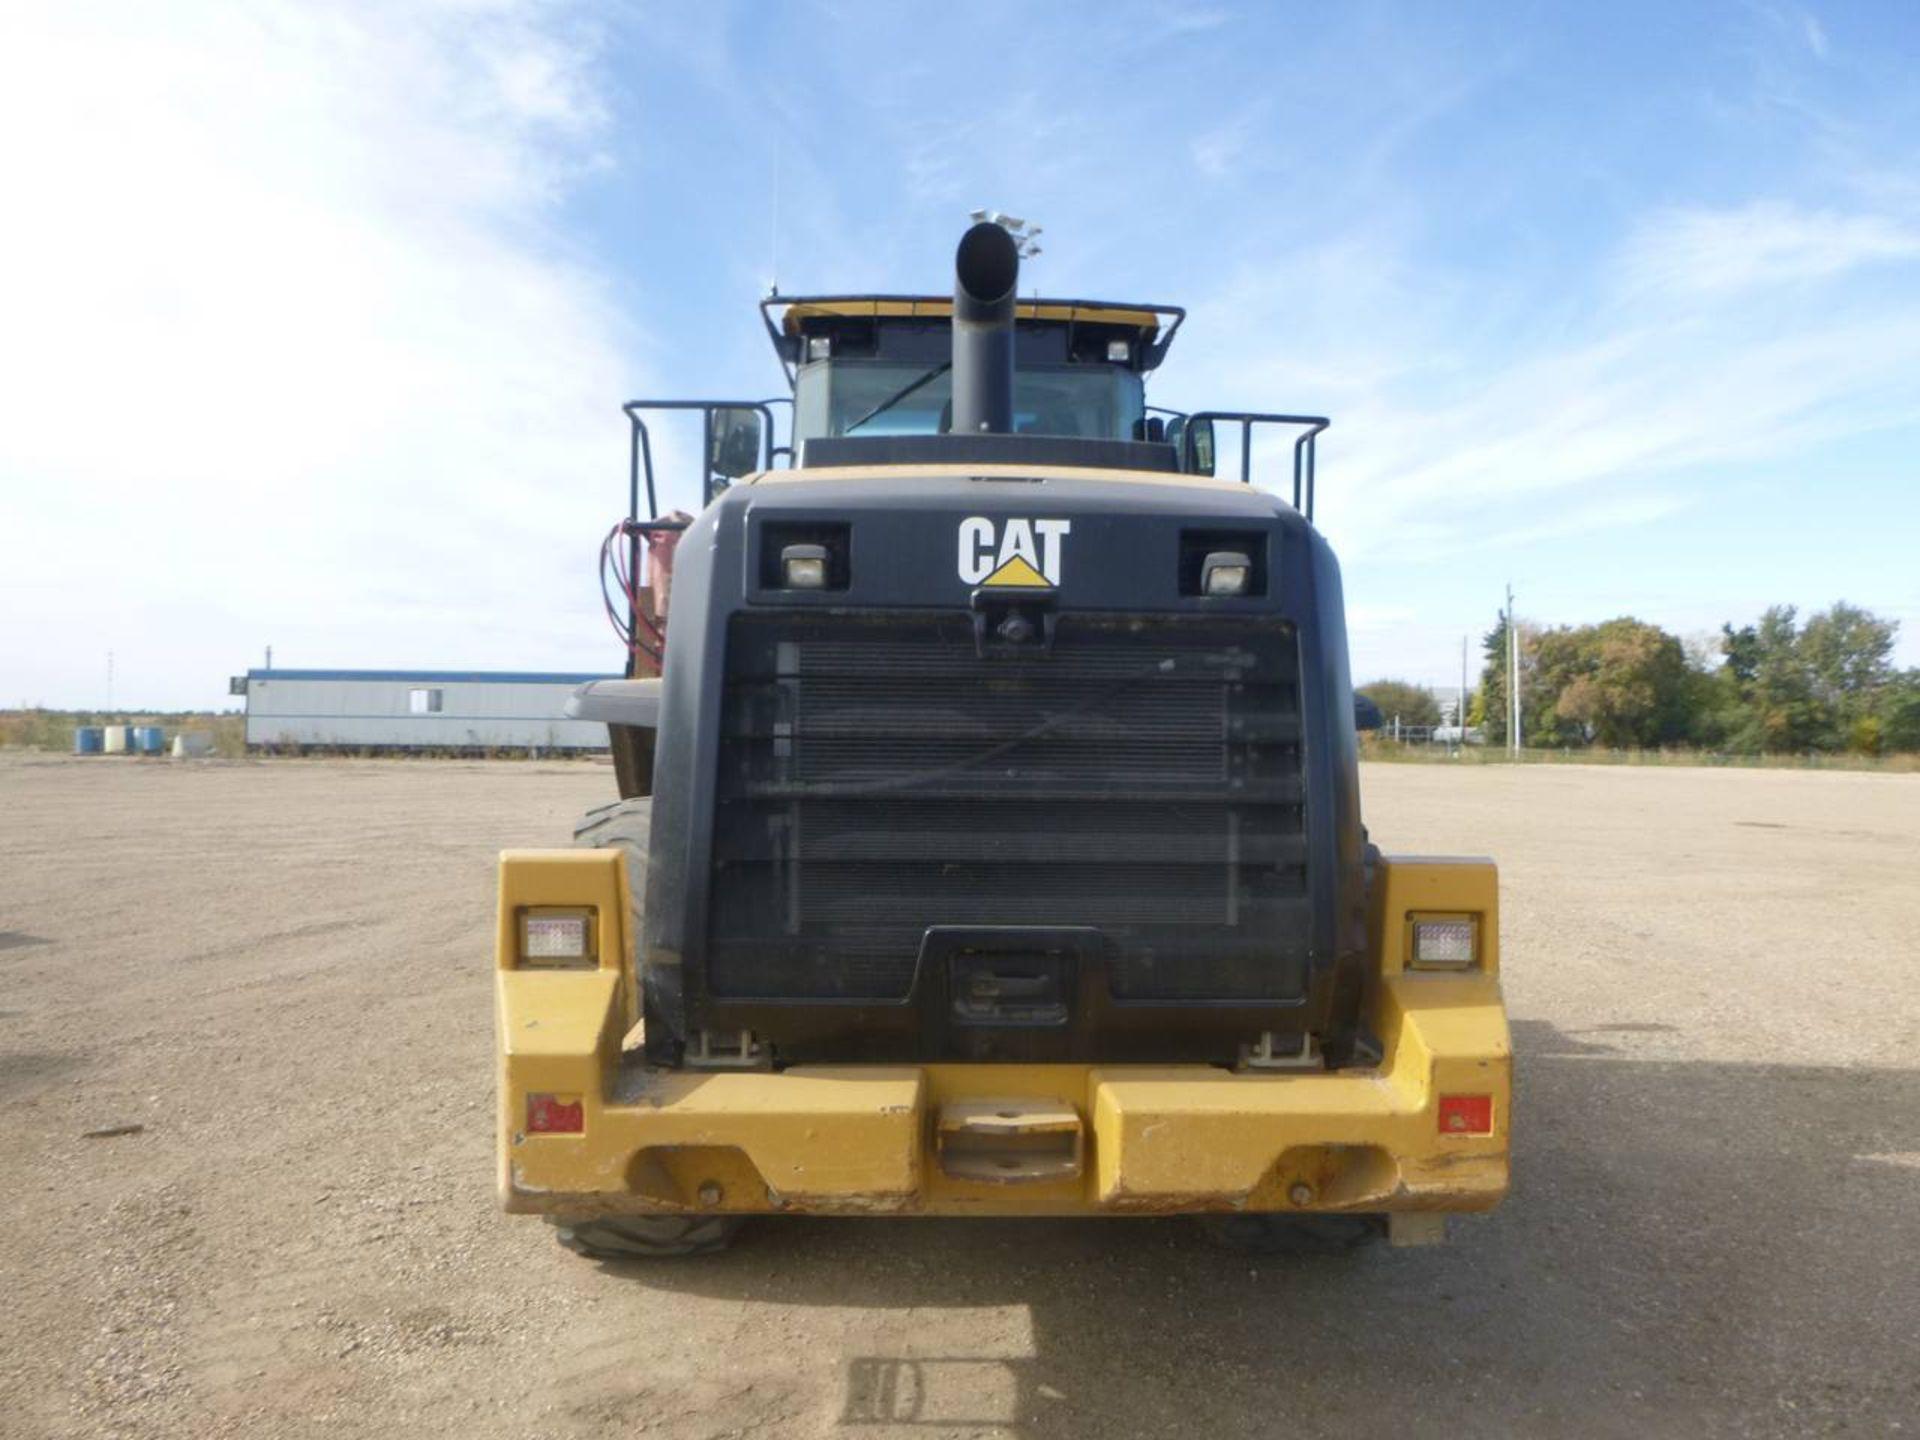 2012 Caterpillar 962K Front End Loader - Image 4 of 10